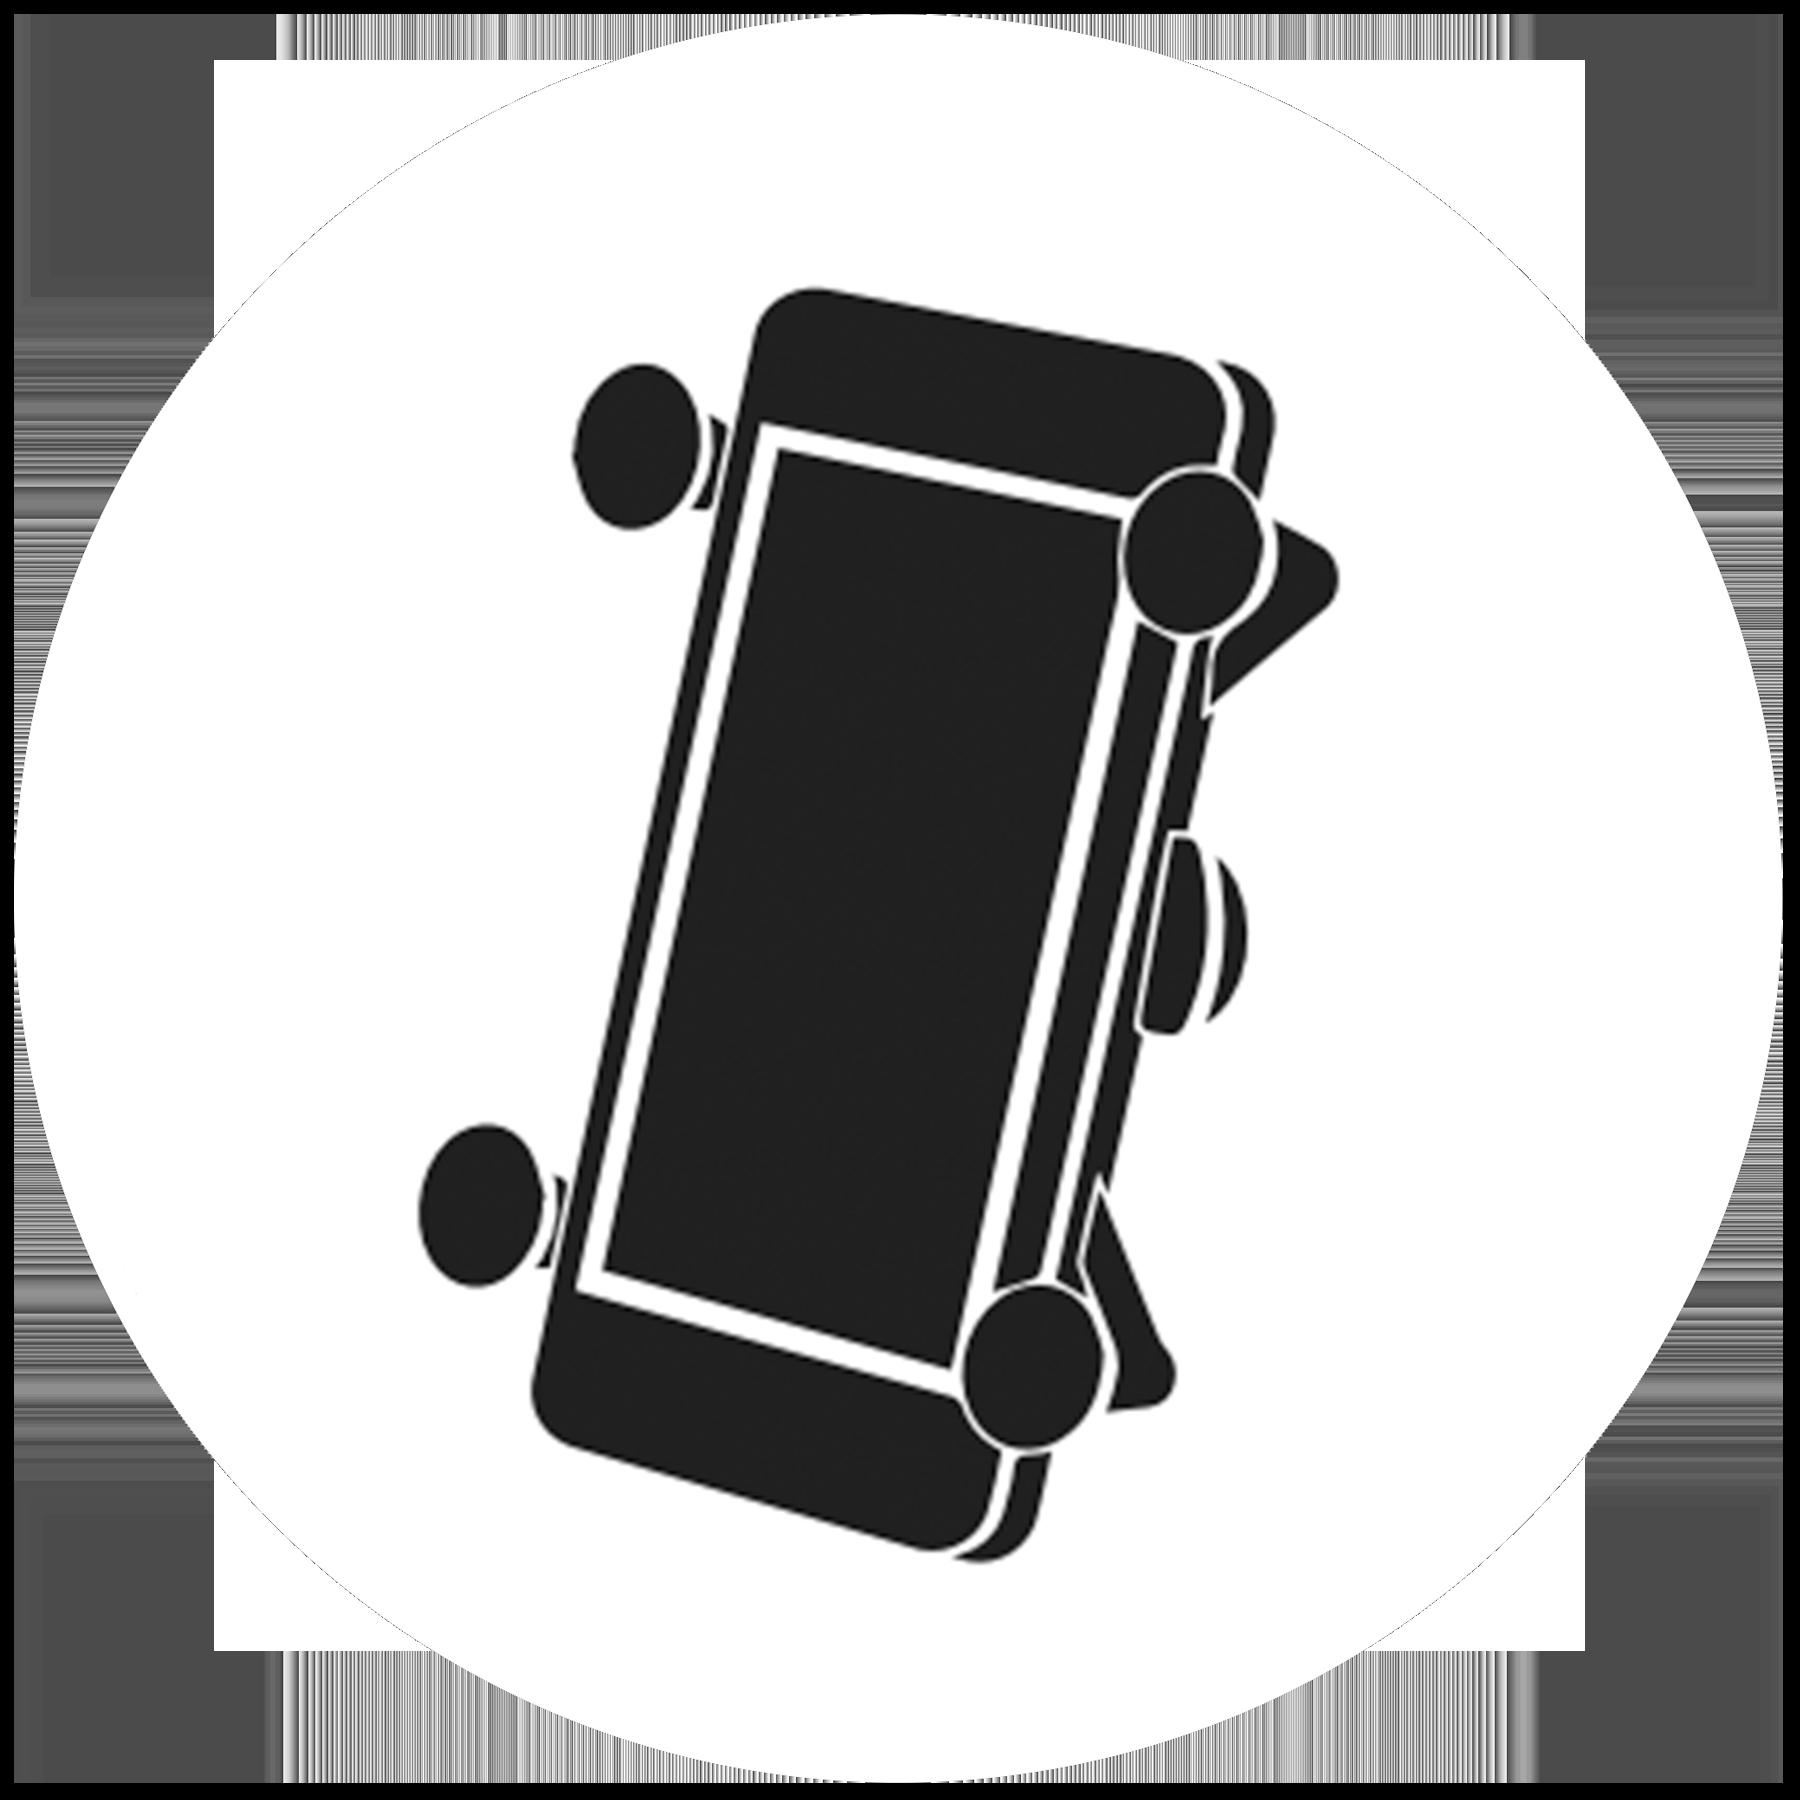 X Grip Phone Holder RAM Pau Hana iPhone